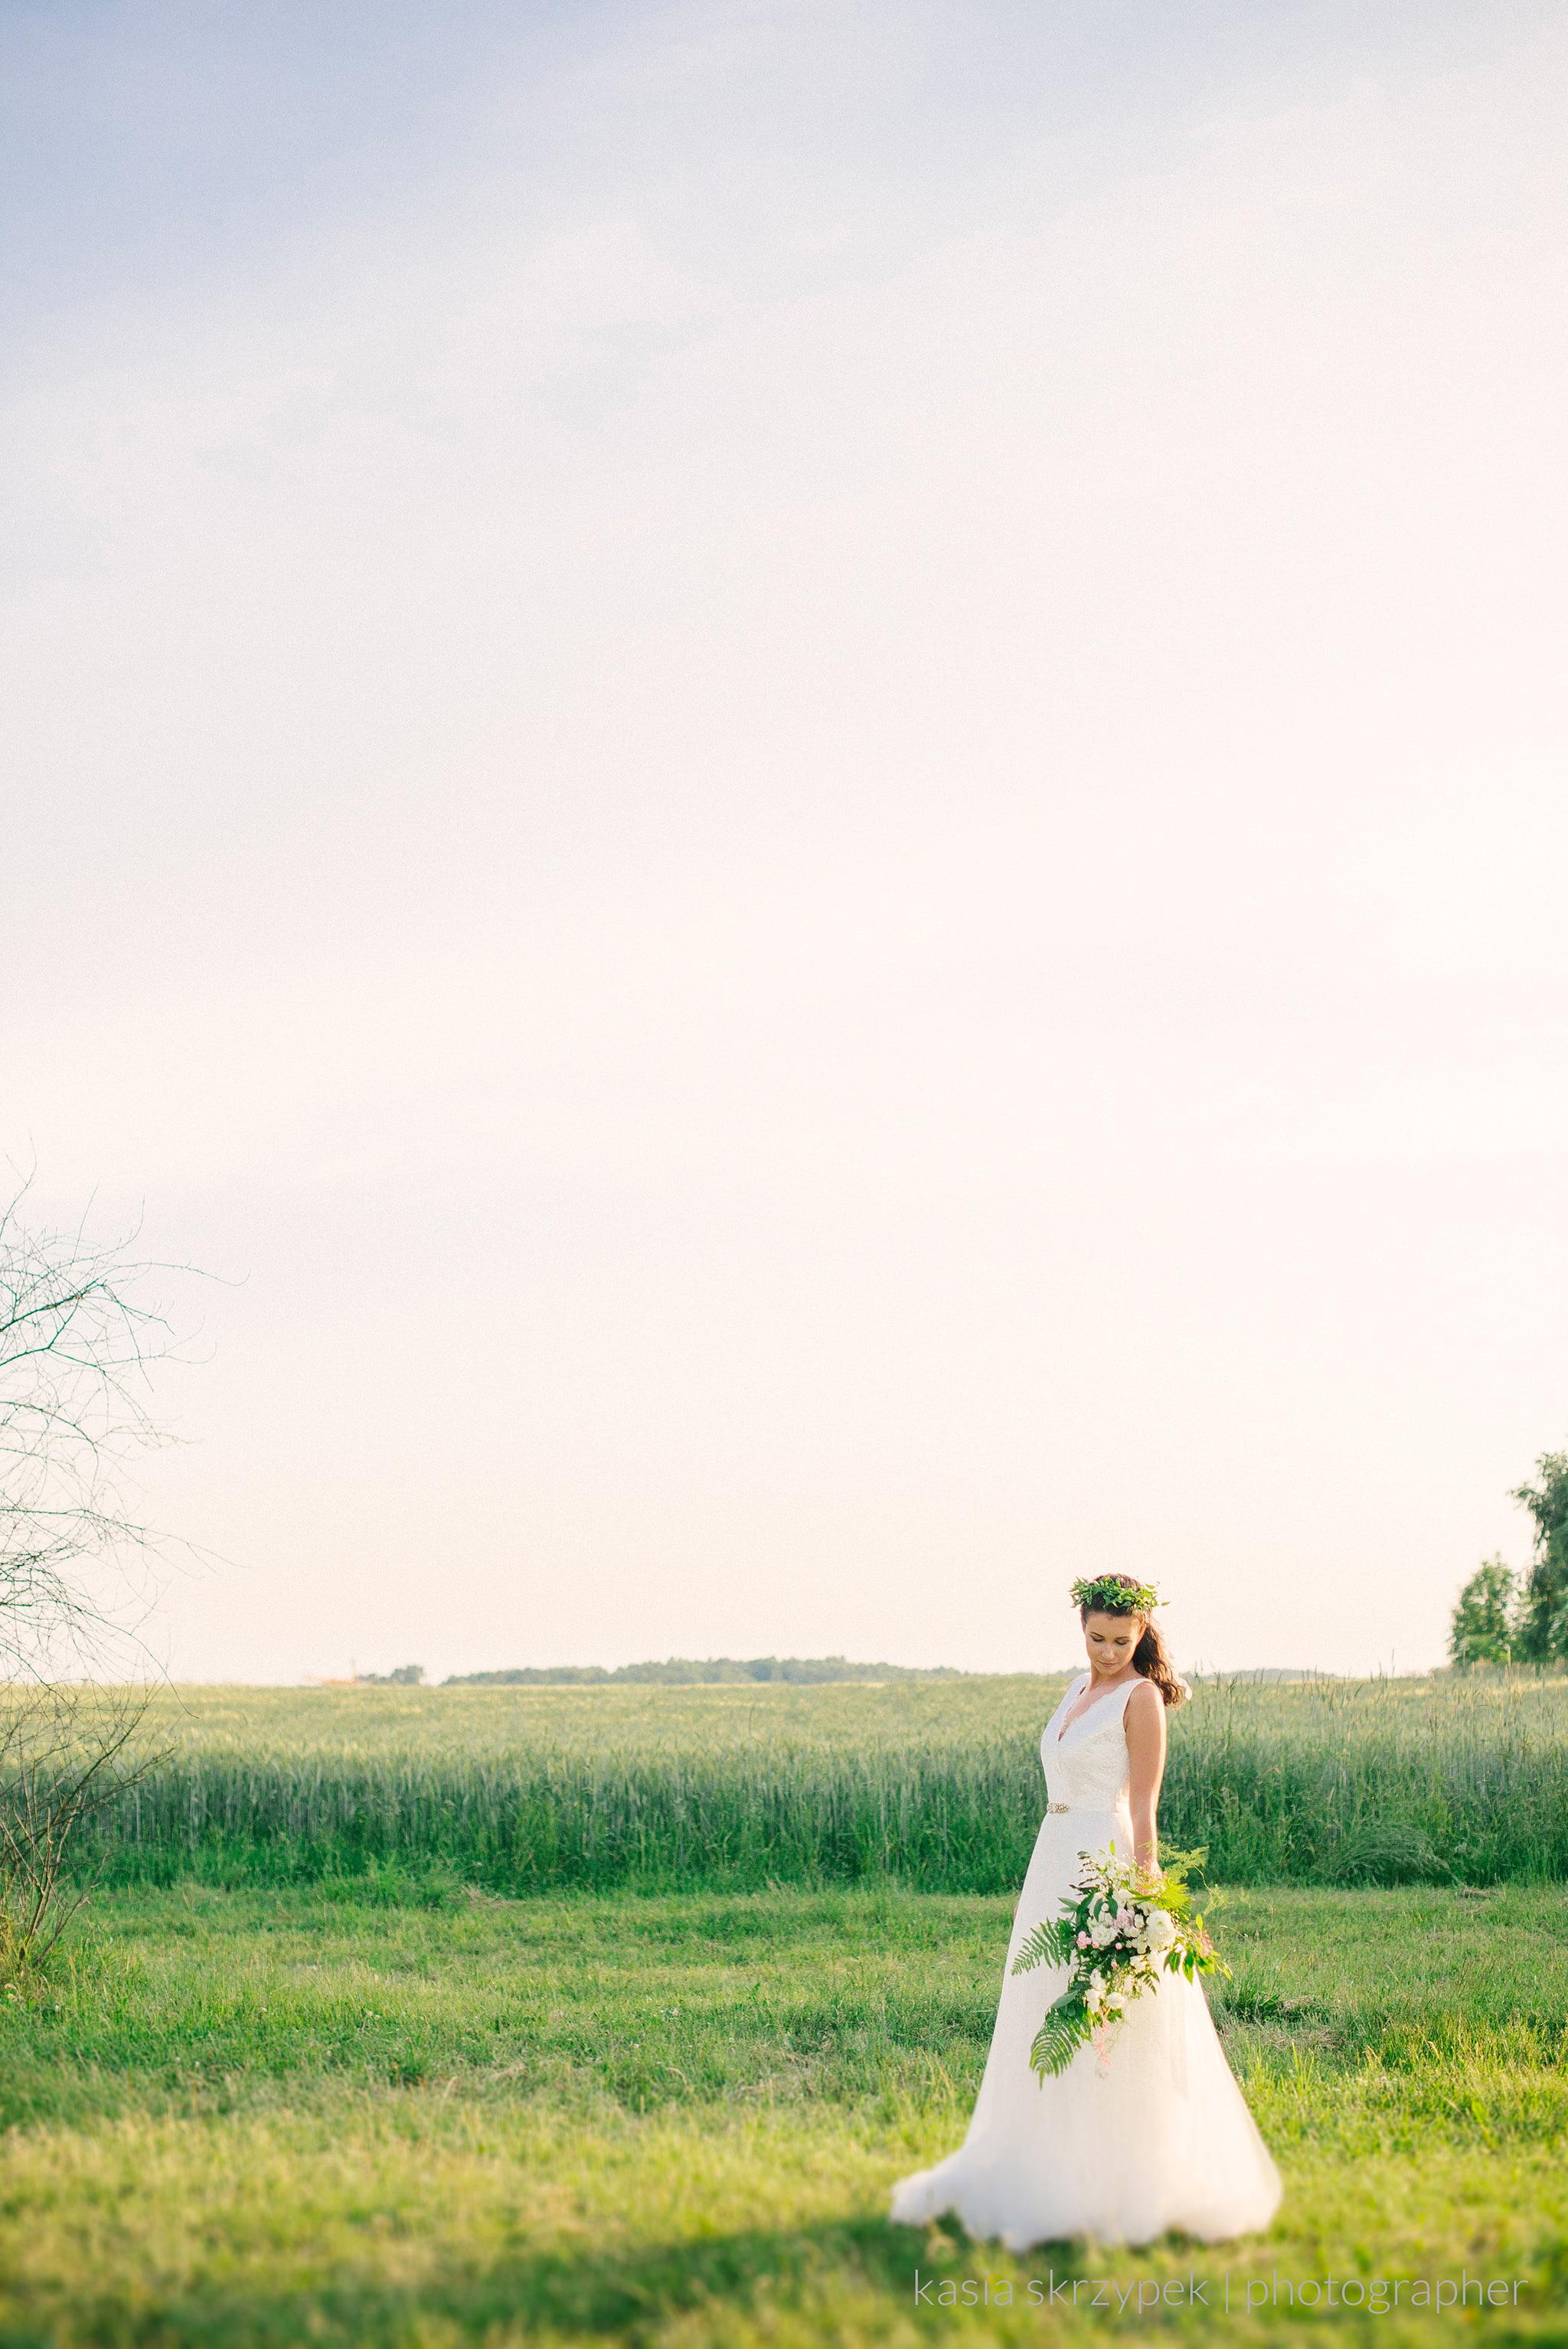 Blog-Botanical-Wedding-Styled-Shoot-22